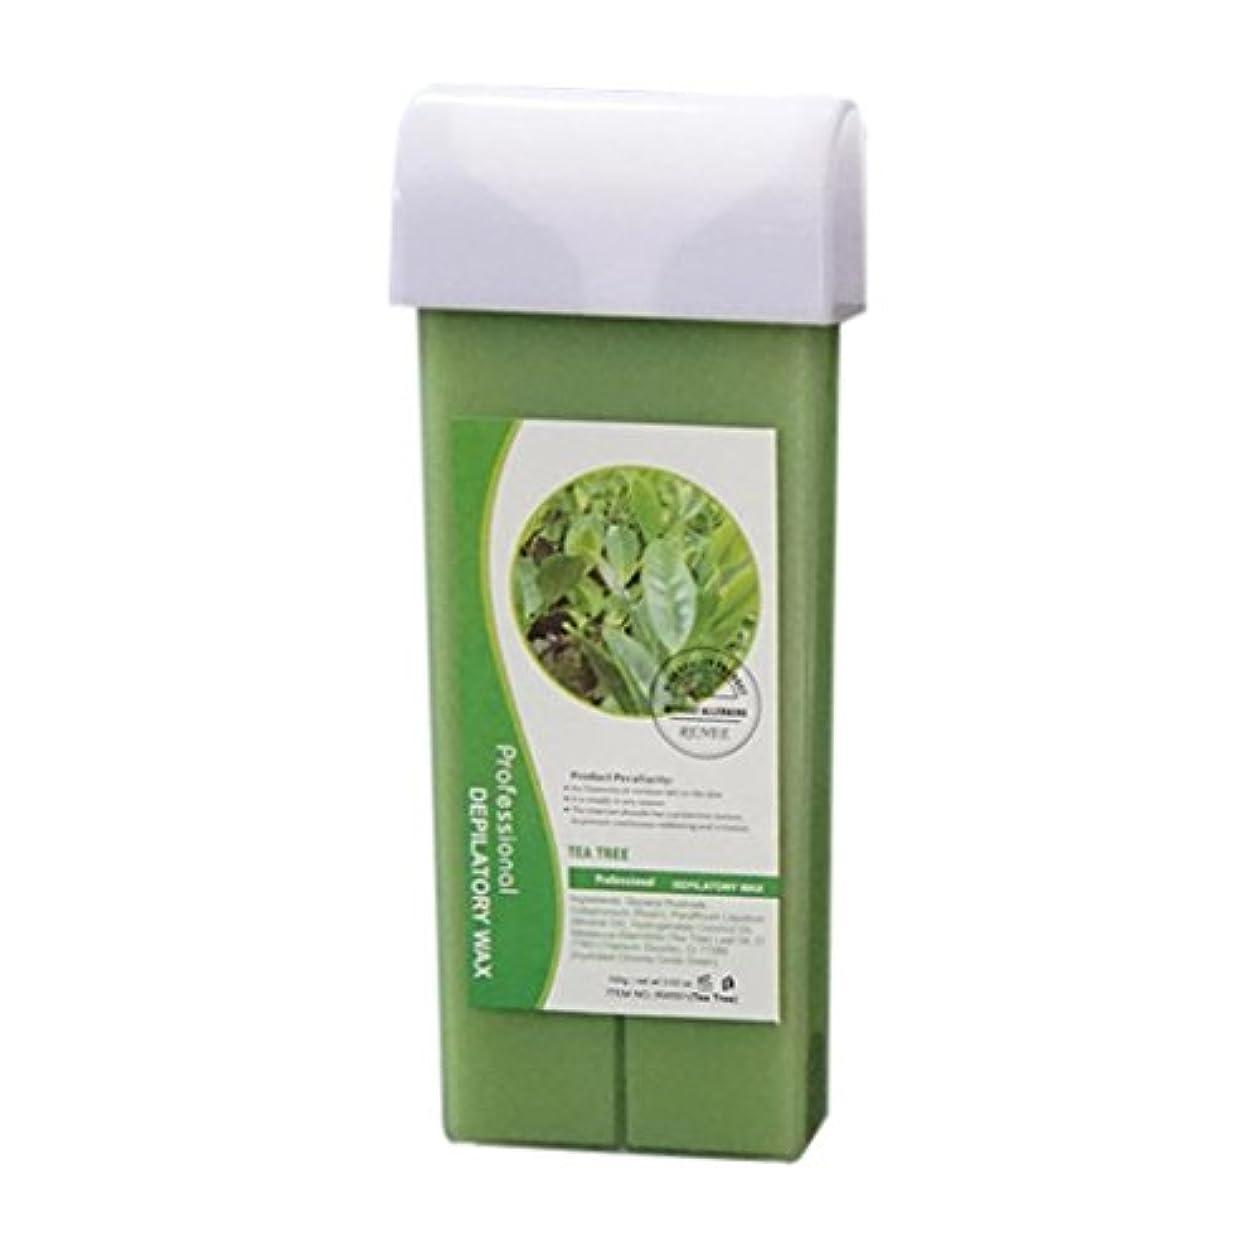 グラマー香り変化[SakuraBest] 100G Heater Wax Depilatory For Hair Removal, 100Gヒーターワックス脱毛除毛用